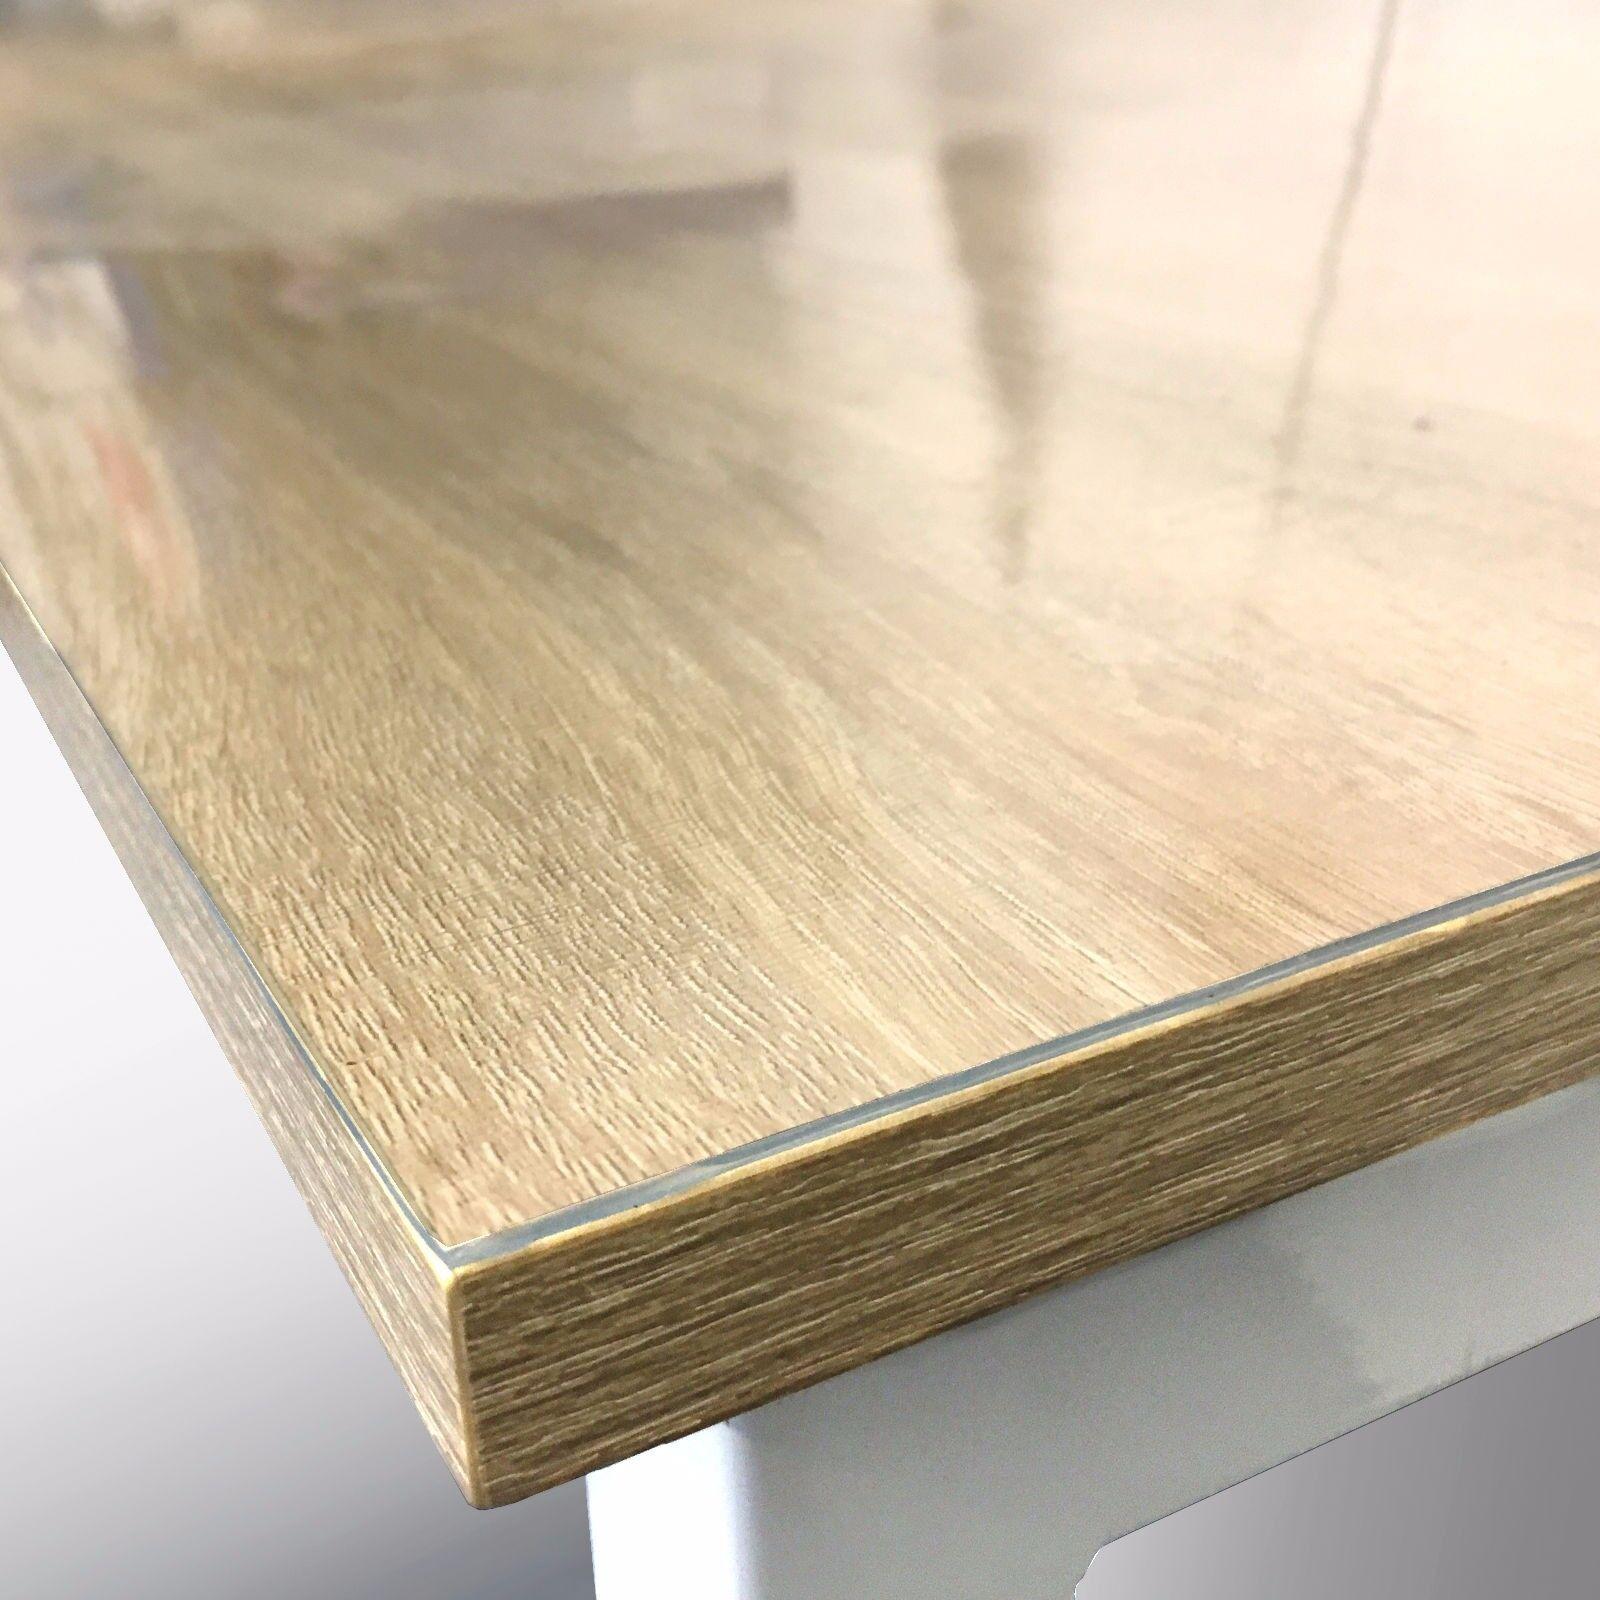 Klare Tischschutzfolie Tischauflage Tischschutz Tischfolie Schutzfolie nur 1,5mm   | Neuheit